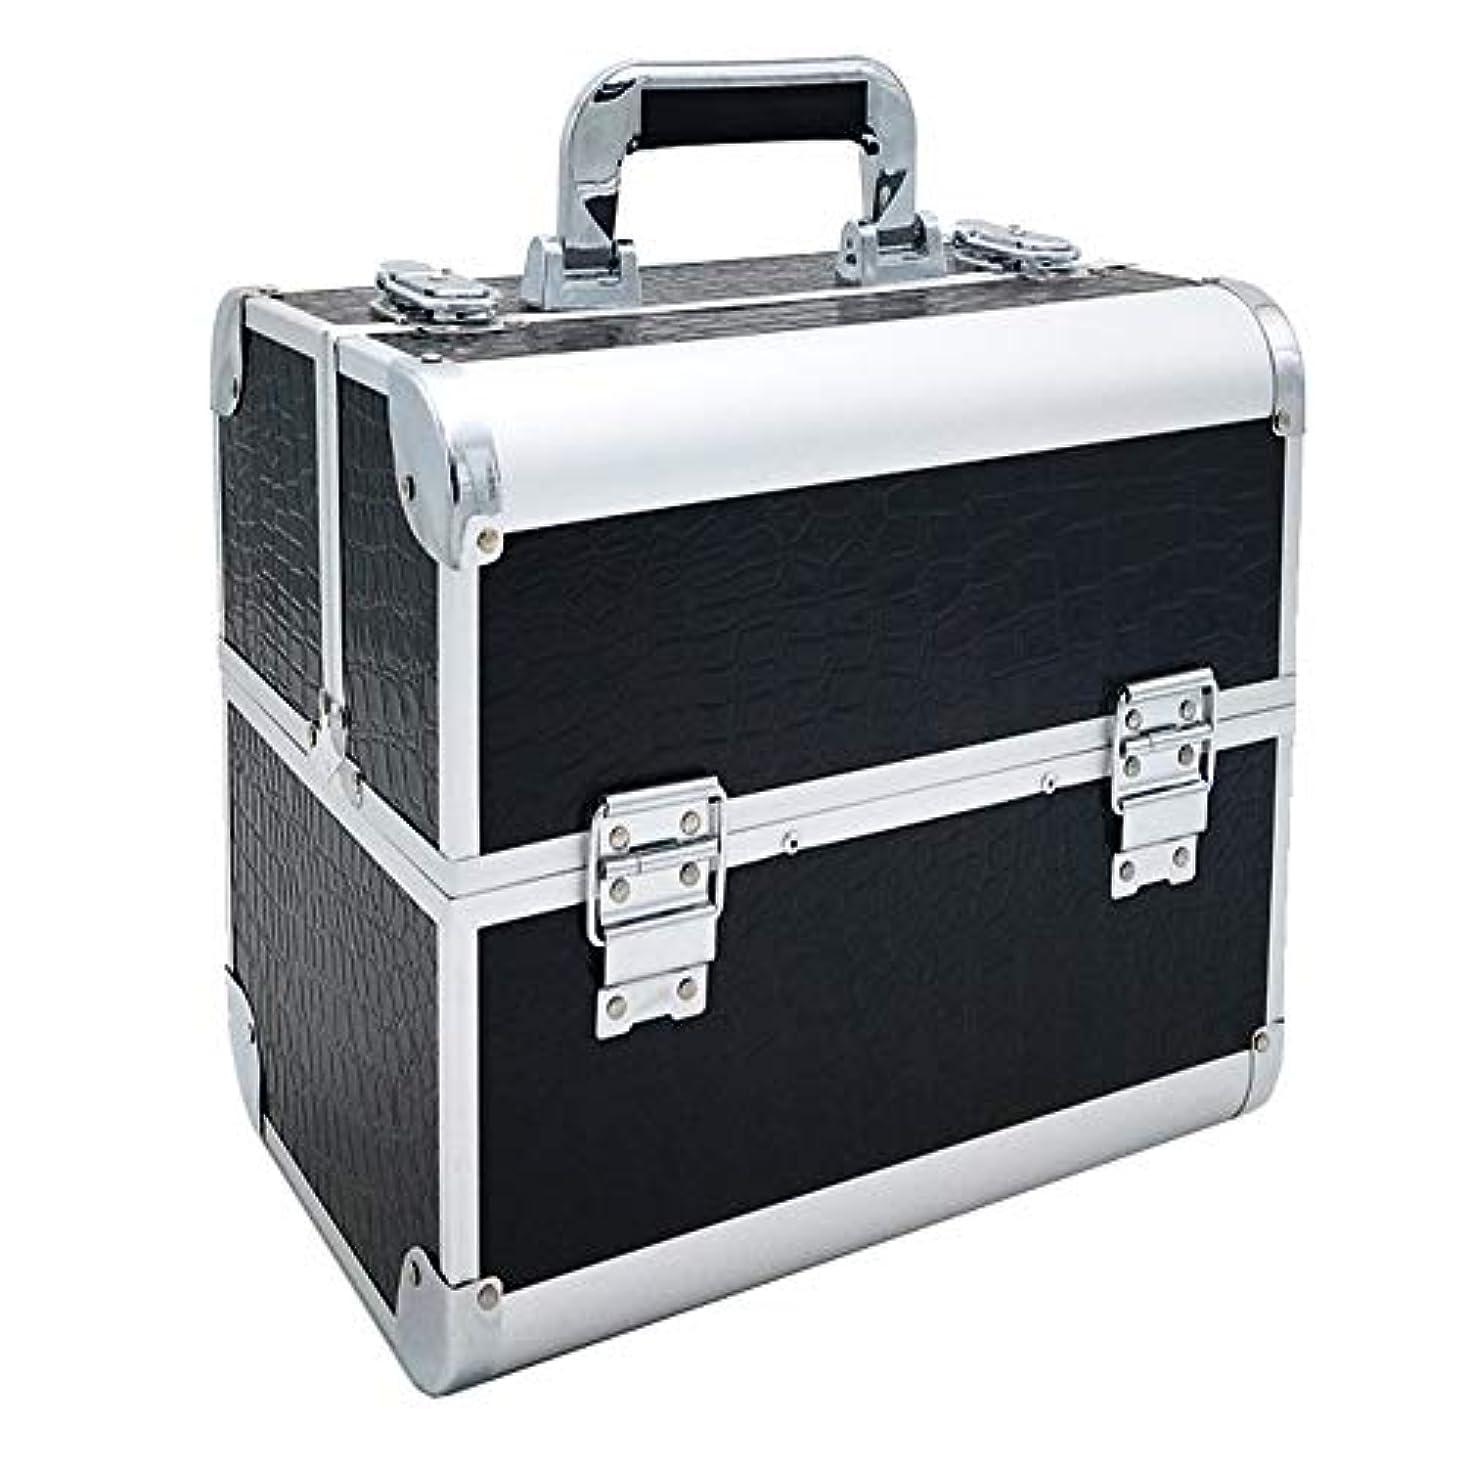 画像フクロウ収容する化粧オーガナイザーバッグ ポータブルプロフェッショナル旅行メイクアップバッグパターンメイクアップアーティストケーストレインボックス化粧品オーガナイザー収納 化粧品ケース